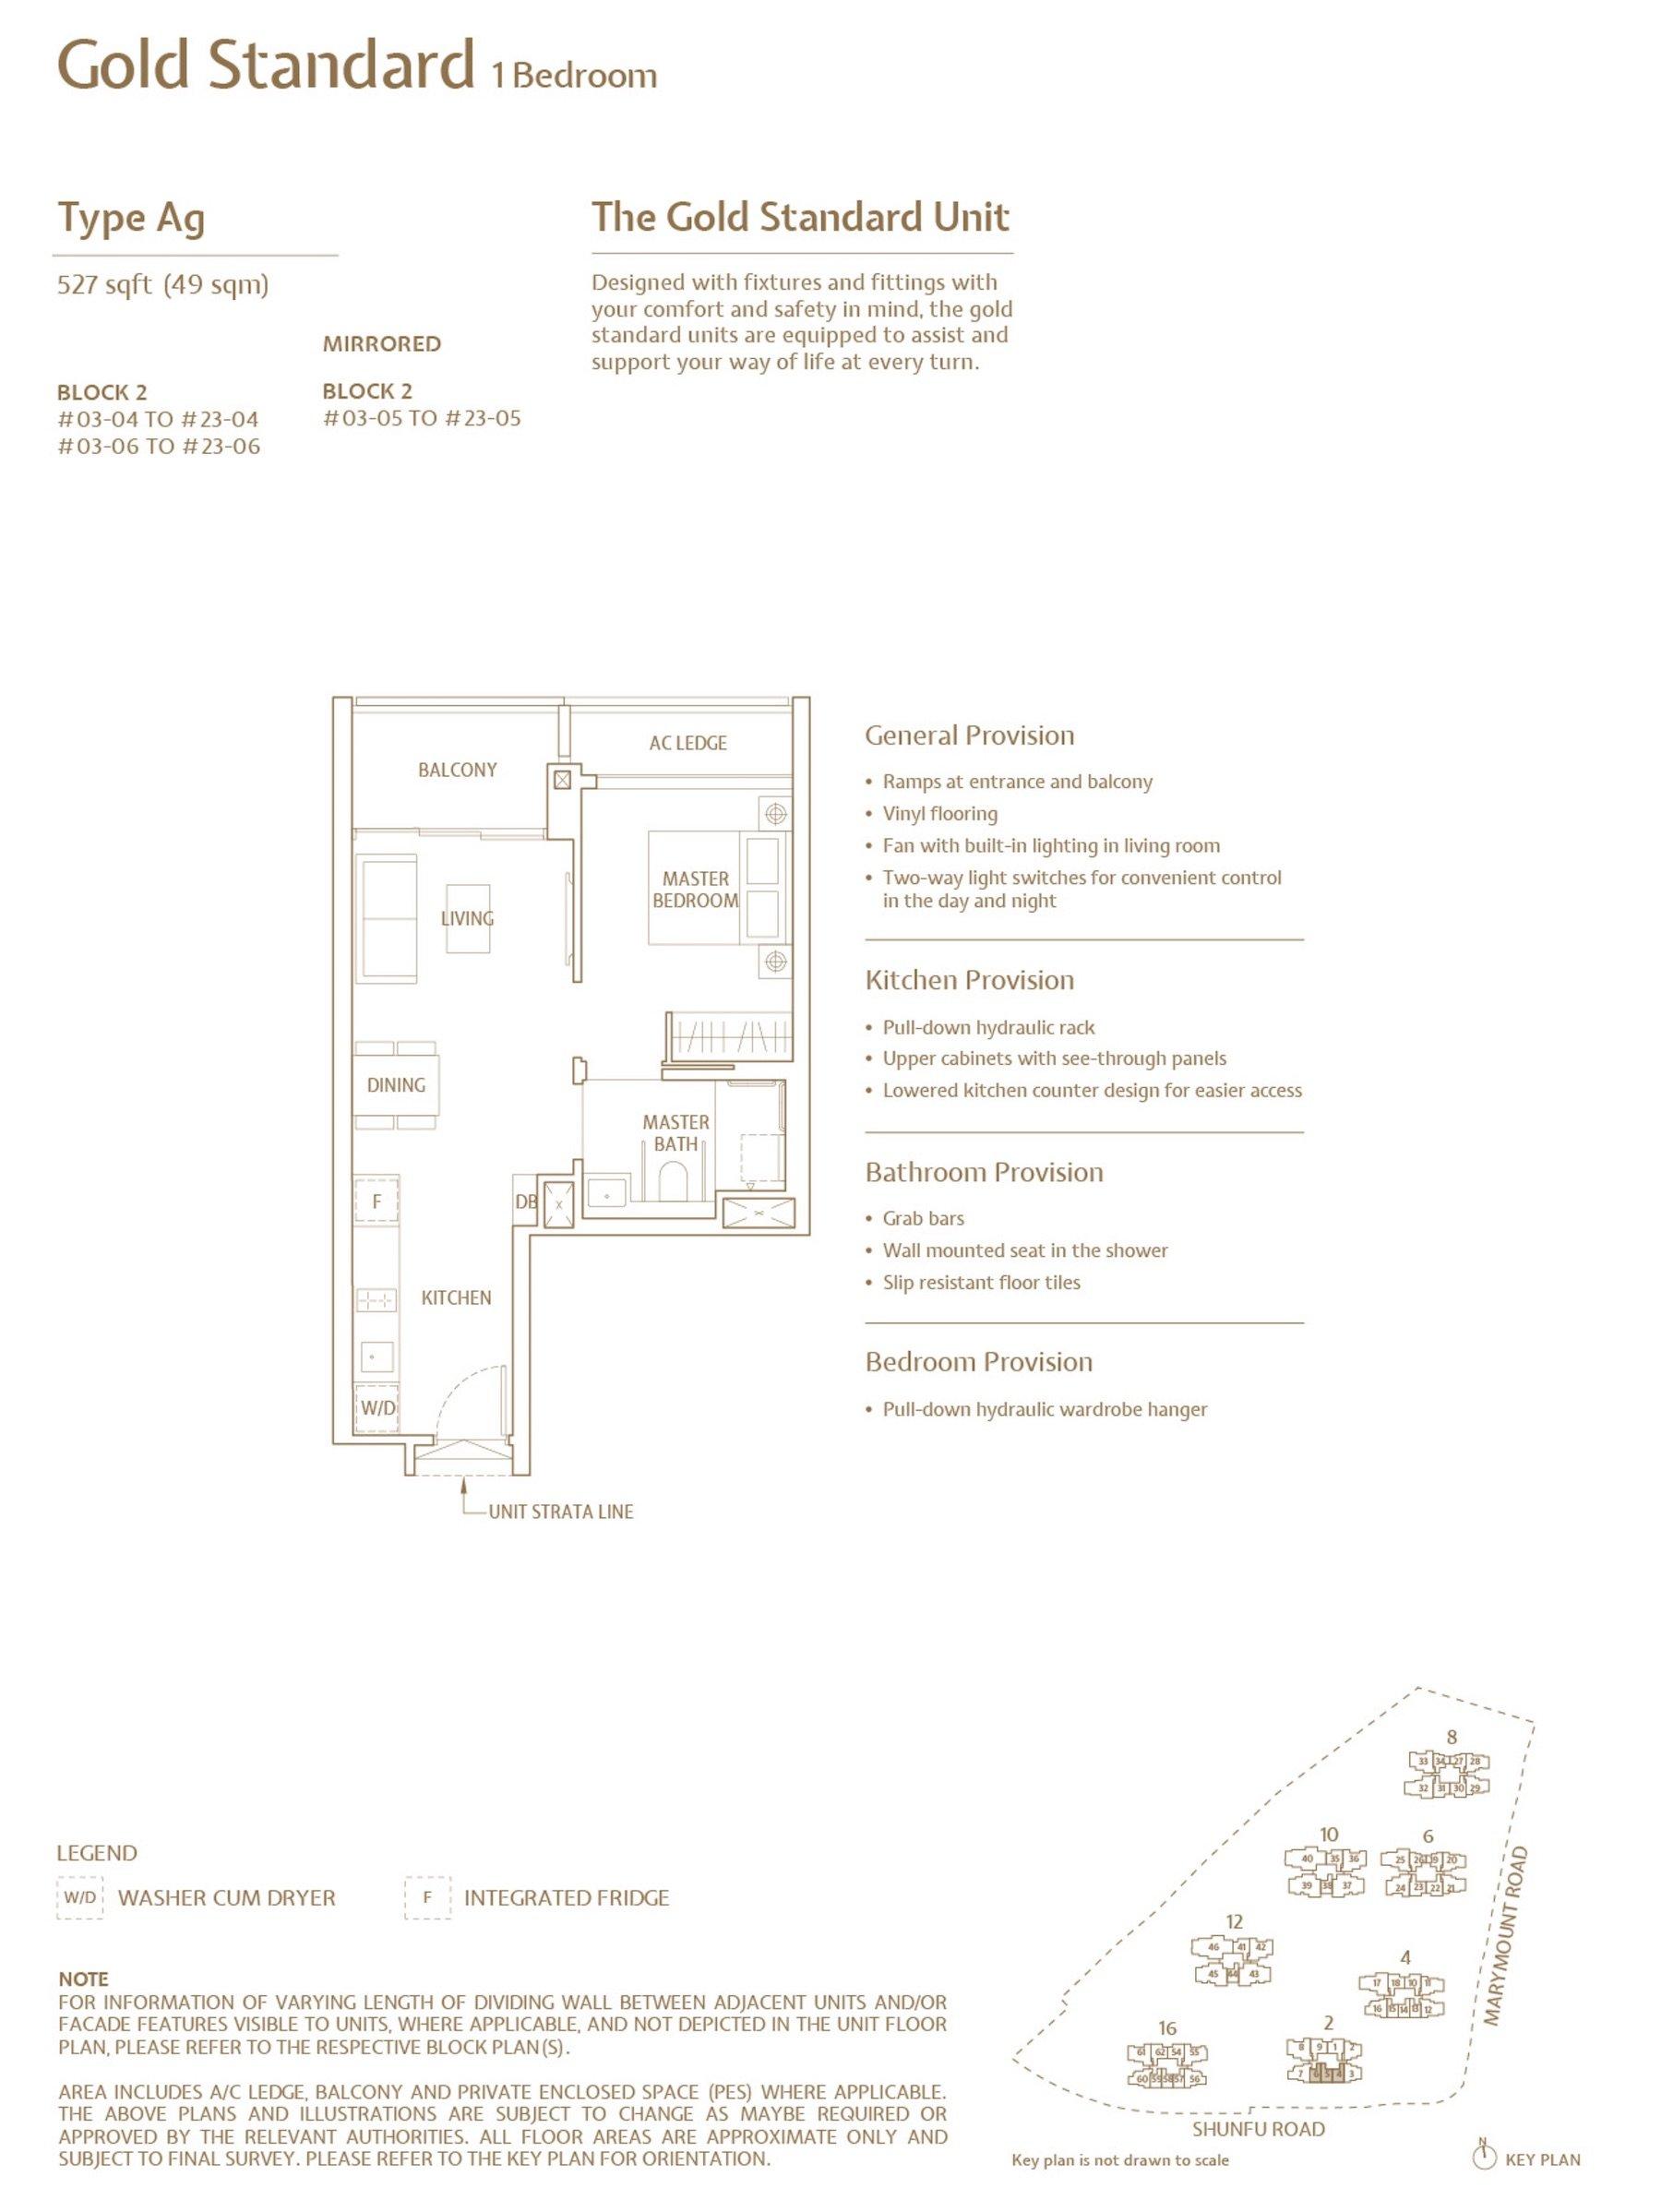 Jadescape 顺福轩 condo 1 bedroom gold